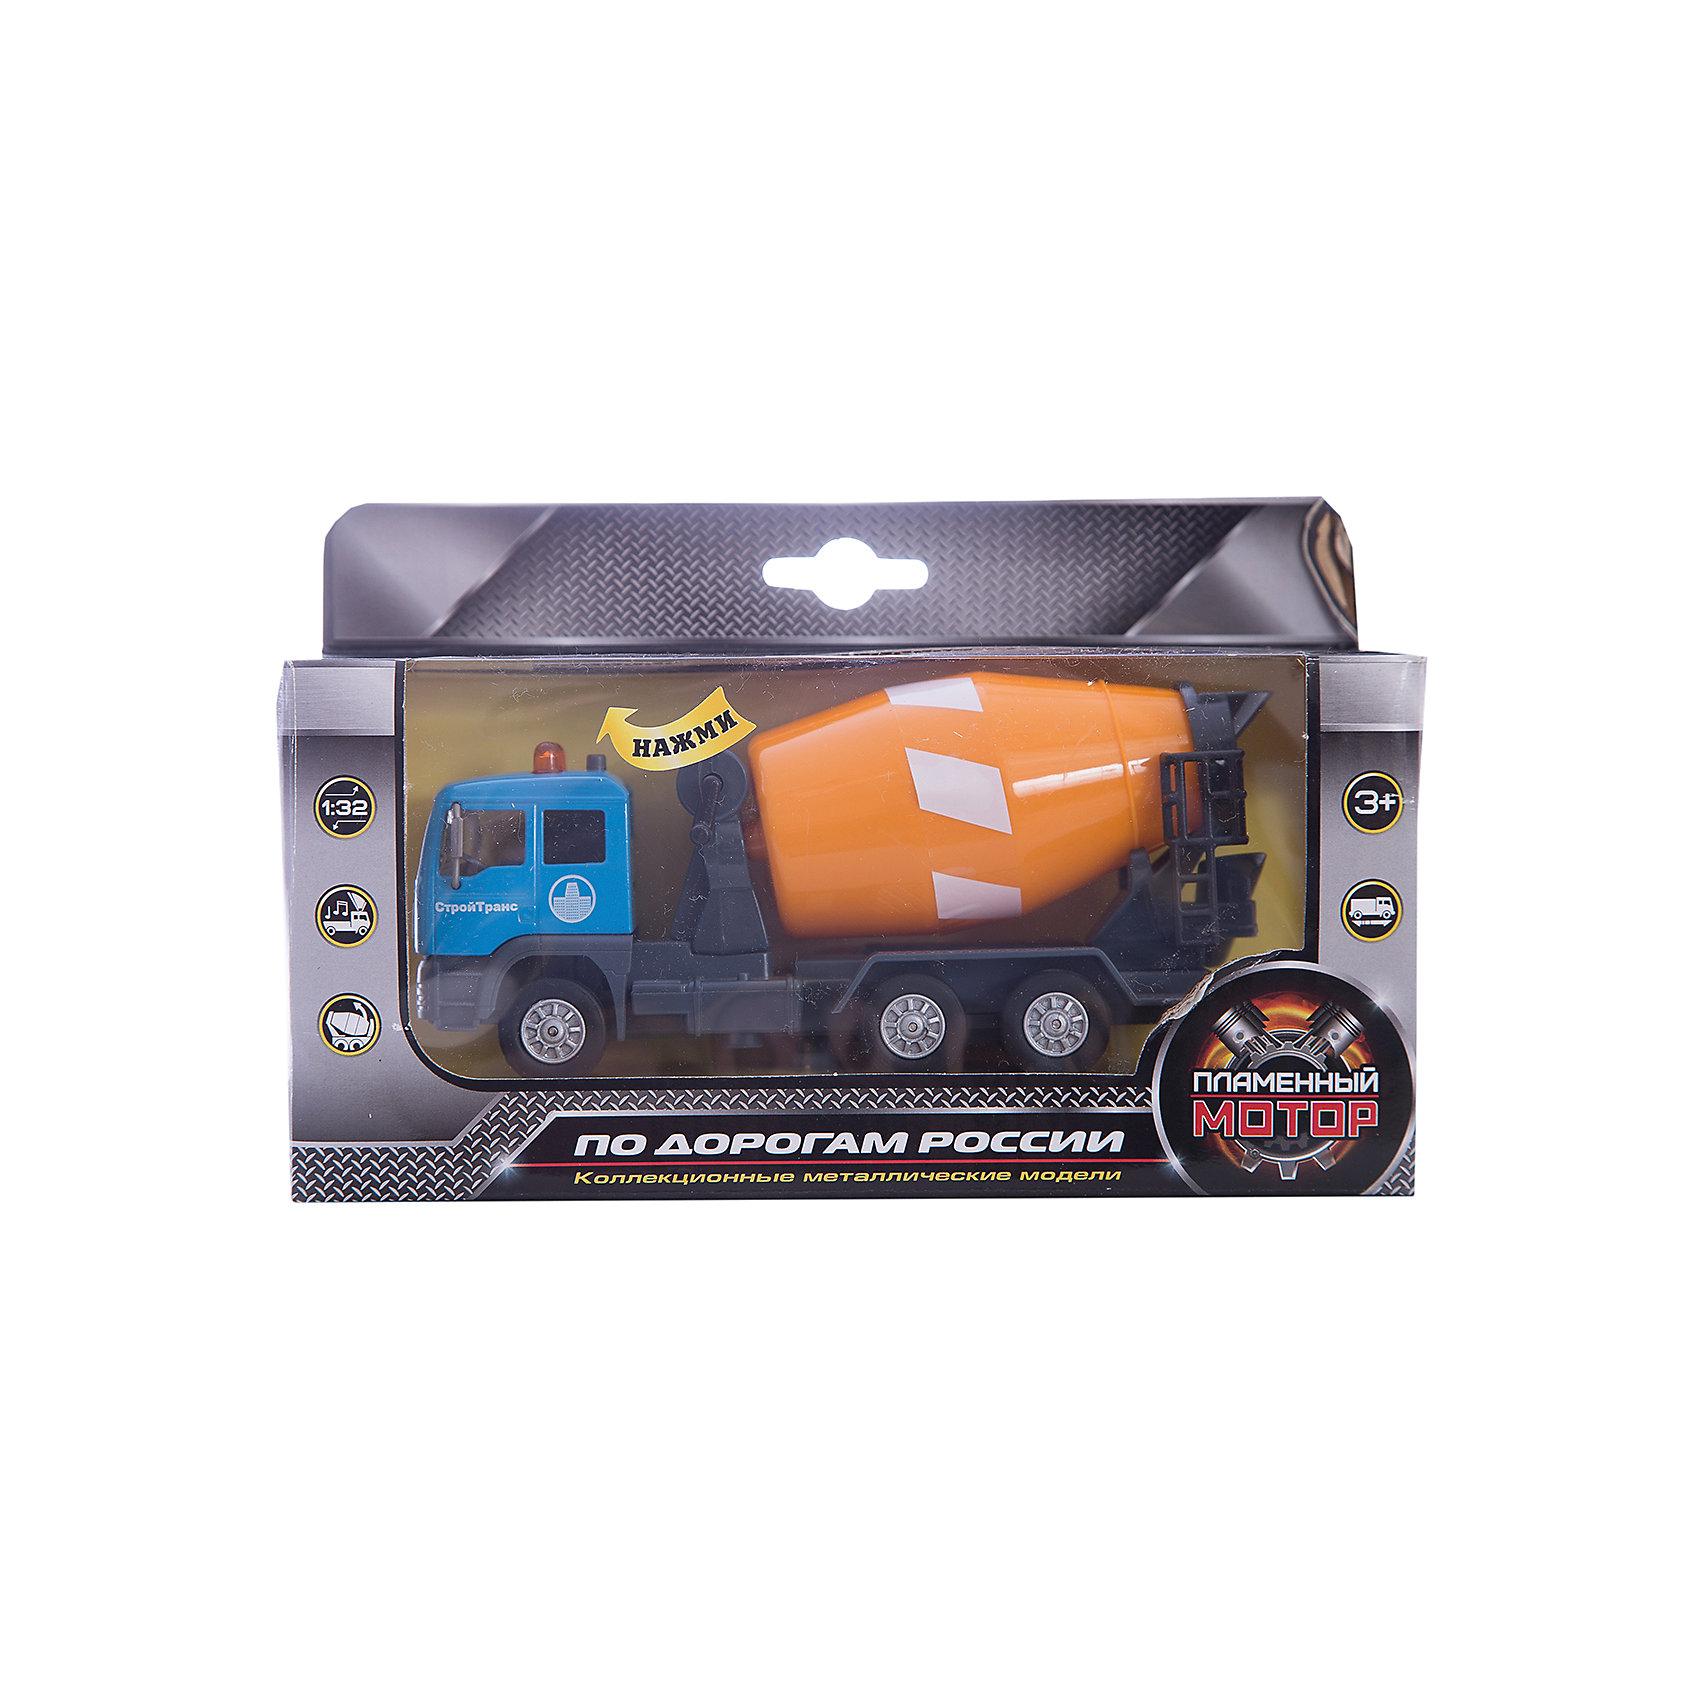 Бетономешалка Строй транс, 1:32, со светом и звуком, Пламенный моторМашинки – безусловные фавориты среди игрушек всех маленьких мальчиков. Специальные машины – особенная часть домашнего гаража юного автомеханика. Машины от компании Пламенный мотор обладают способностью издавать звуковые и световые эффекты, которые придутся по душе даже самым капризным малышам. У каждой машинки есть внутренний инерционный механизм, приводящий модель в движение. Материалы, использованные при изготовлении товара, абсолютно безопасны и отвечают всем международным требованиям по качеству.<br><br>Дополнительные характеристики:<br><br>материал: пластик;<br>цвет: разноцветный;<br>масштаб: 1:32.<br><br>Бетономешалку Строй транс со светом и звуком от компании Пламенный мотор можно приобрести в нашем магазине.<br><br>Ширина мм: 673<br>Глубина мм: 435<br>Высота мм: 257<br>Вес г: 253<br>Возраст от месяцев: 36<br>Возраст до месяцев: 120<br>Пол: Мужской<br>Возраст: Детский<br>SKU: 5032599